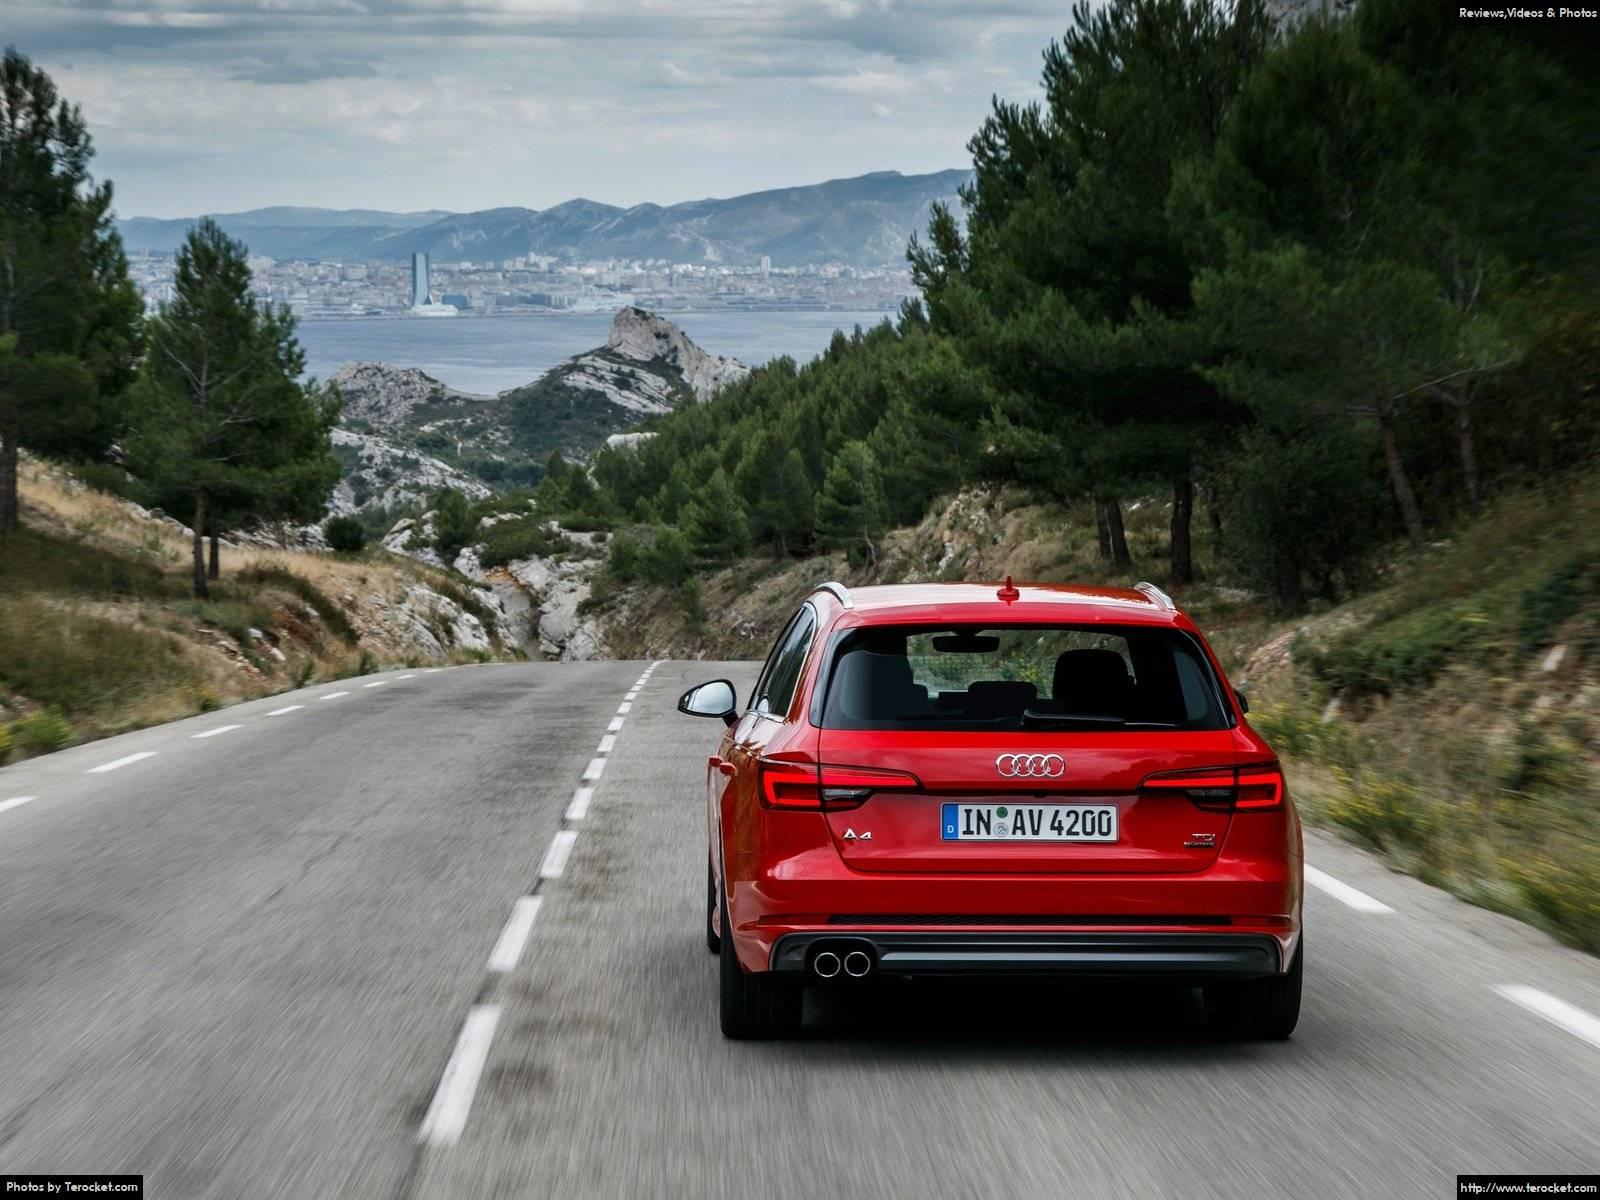 Hình ảnh xe ô tô Audi A4 Avant 2016 & nội ngoại thất